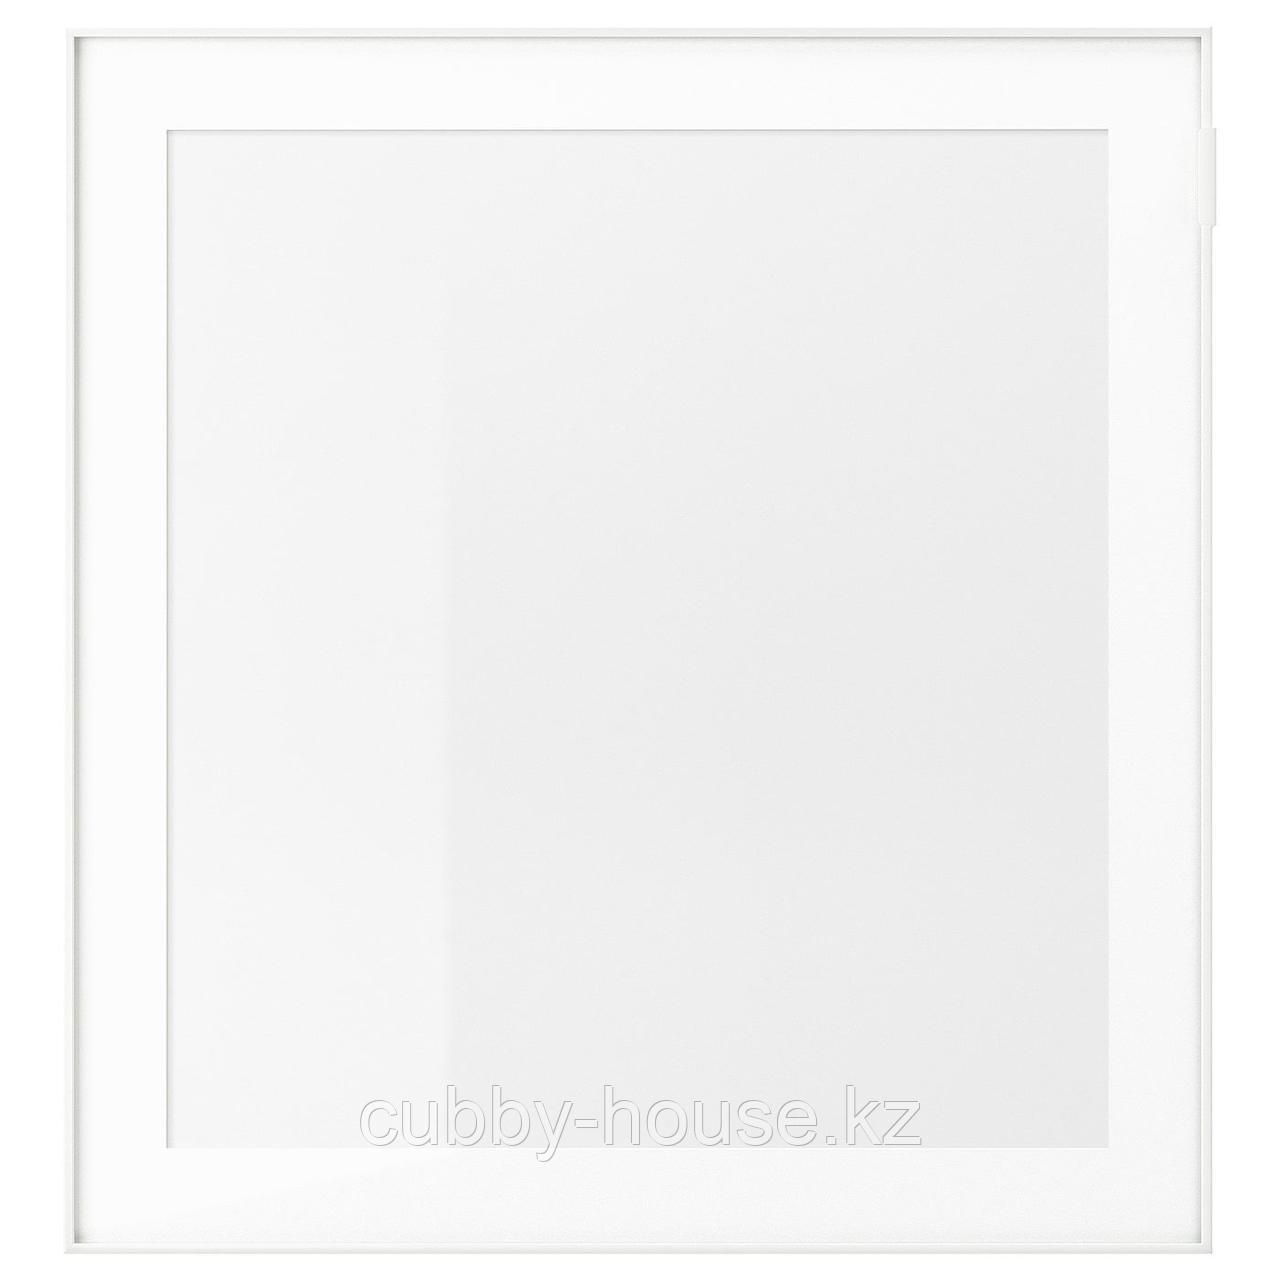 ГЛАССВИК Стеклянная дверь, белый, матовое стекло, 60x64 см